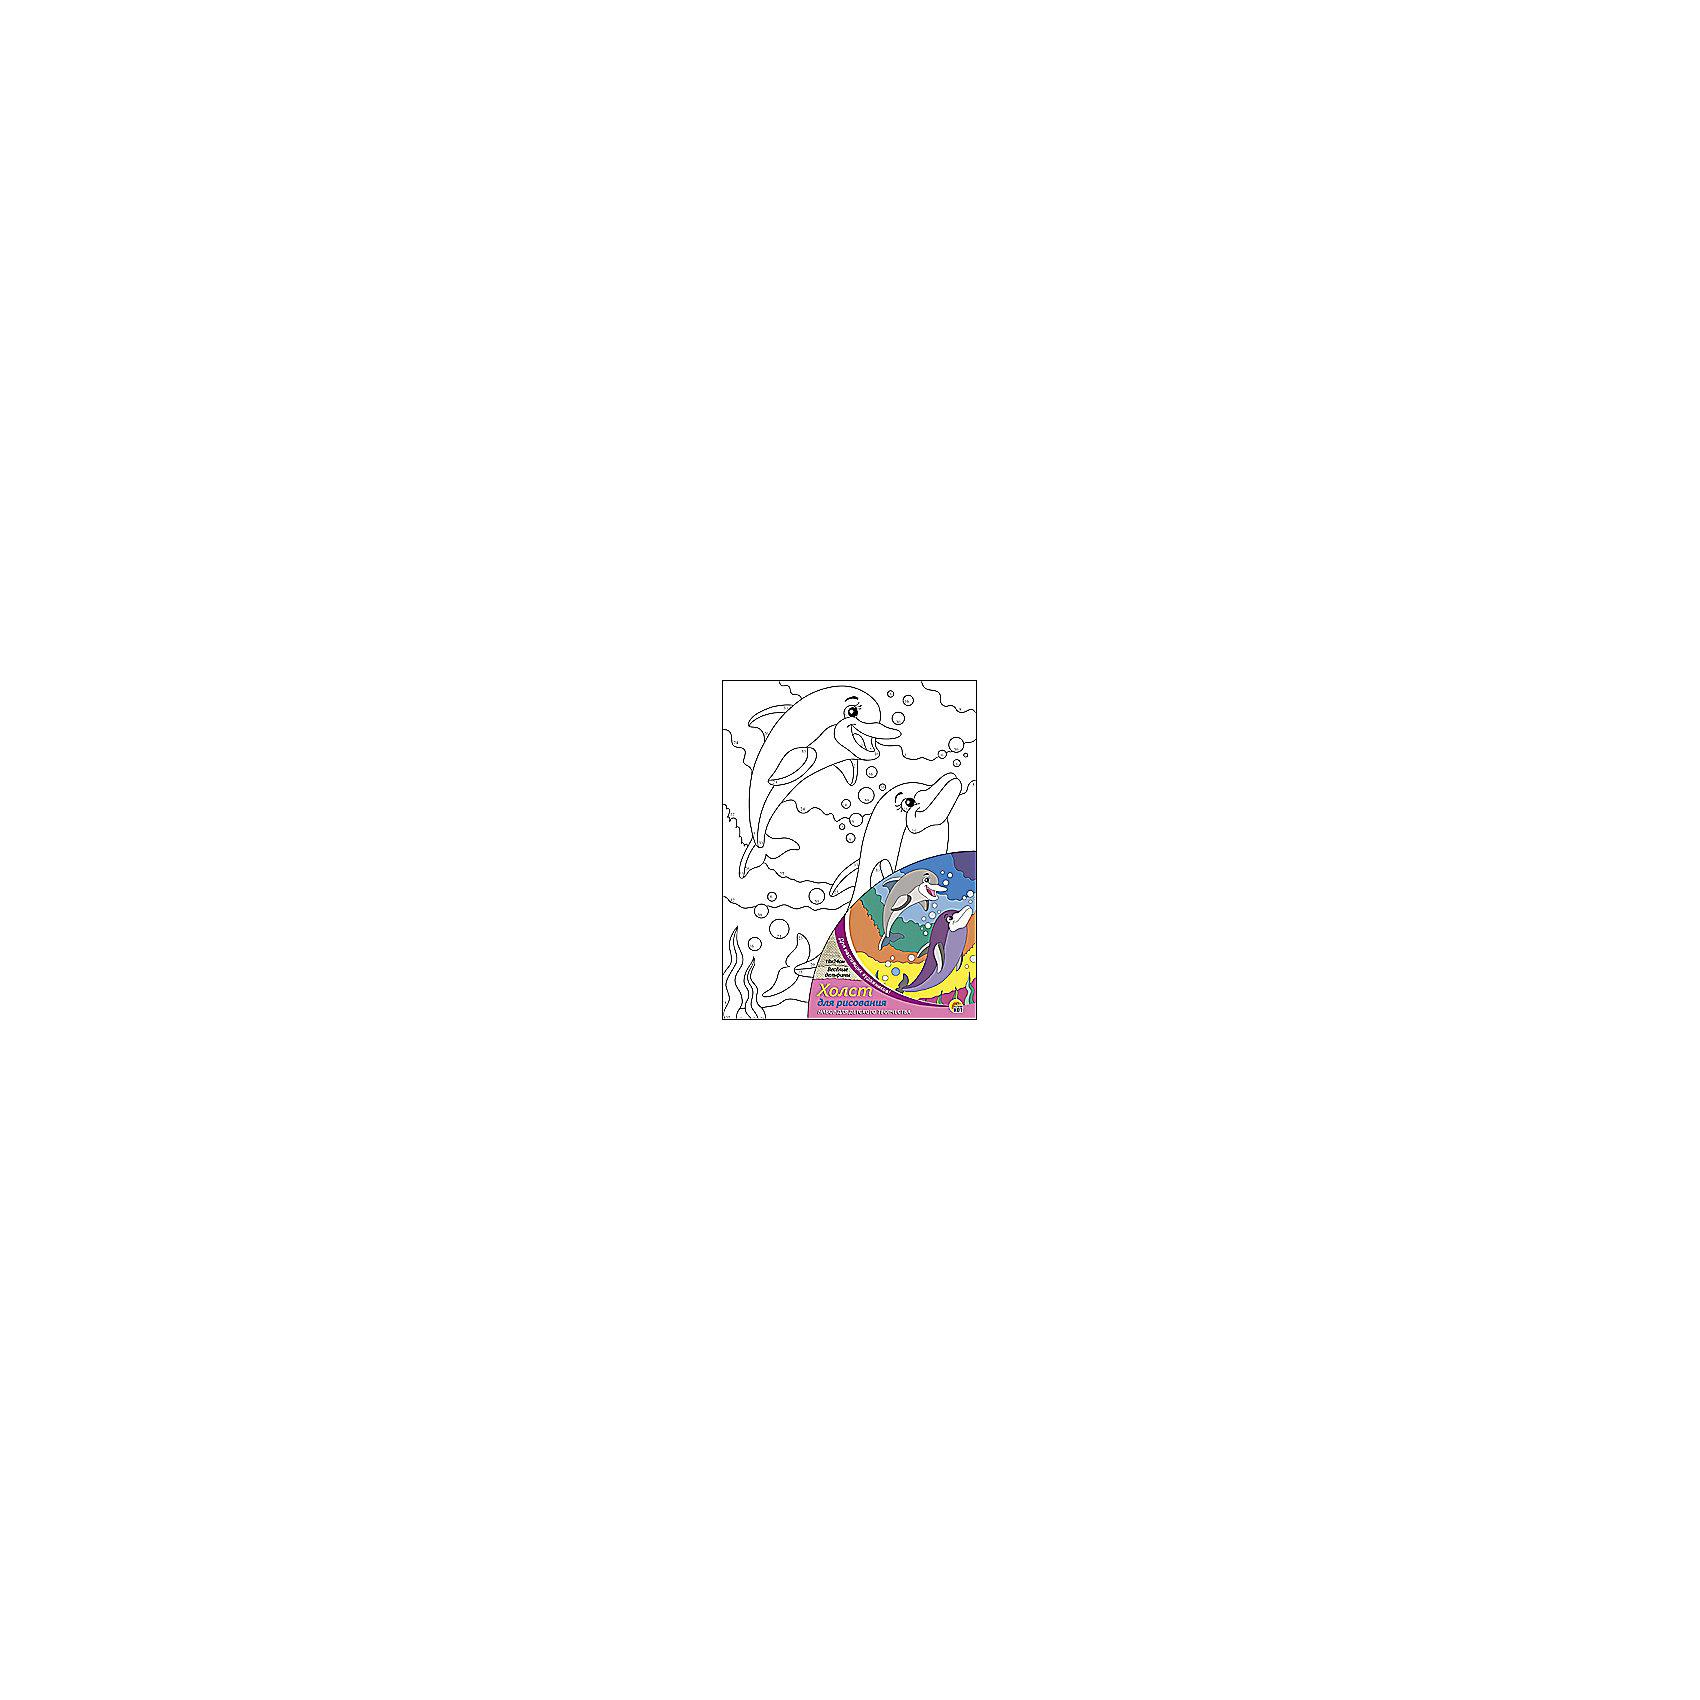 Холст с красками по номерам Весёлые дельфины, 18х24 смРисование<br>Веселые дельфины - набор для детского творчества. Ребенку предстоит раскрасить холст с нанесенным эскизом по номерам. Прекрасно развивает аккуратность, внимание и усидчивость. Такой набор обязательно понравится начинающим художникам!<br><br>Дополнительная информация:<br>В наборе: холст-эскиз, 7 баночек с акриловой краской, кисточка<br>Размер: 18х1,5х24 см<br>Вес: 180 грамм<br>Вы можете приобрести набор Веселые дельфины в нашем интернет-магазине.<br><br>Ширина мм: 240<br>Глубина мм: 15<br>Высота мм: 180<br>Вес г: 180<br>Возраст от месяцев: 36<br>Возраст до месяцев: 120<br>Пол: Унисекс<br>Возраст: Детский<br>SKU: 4939515